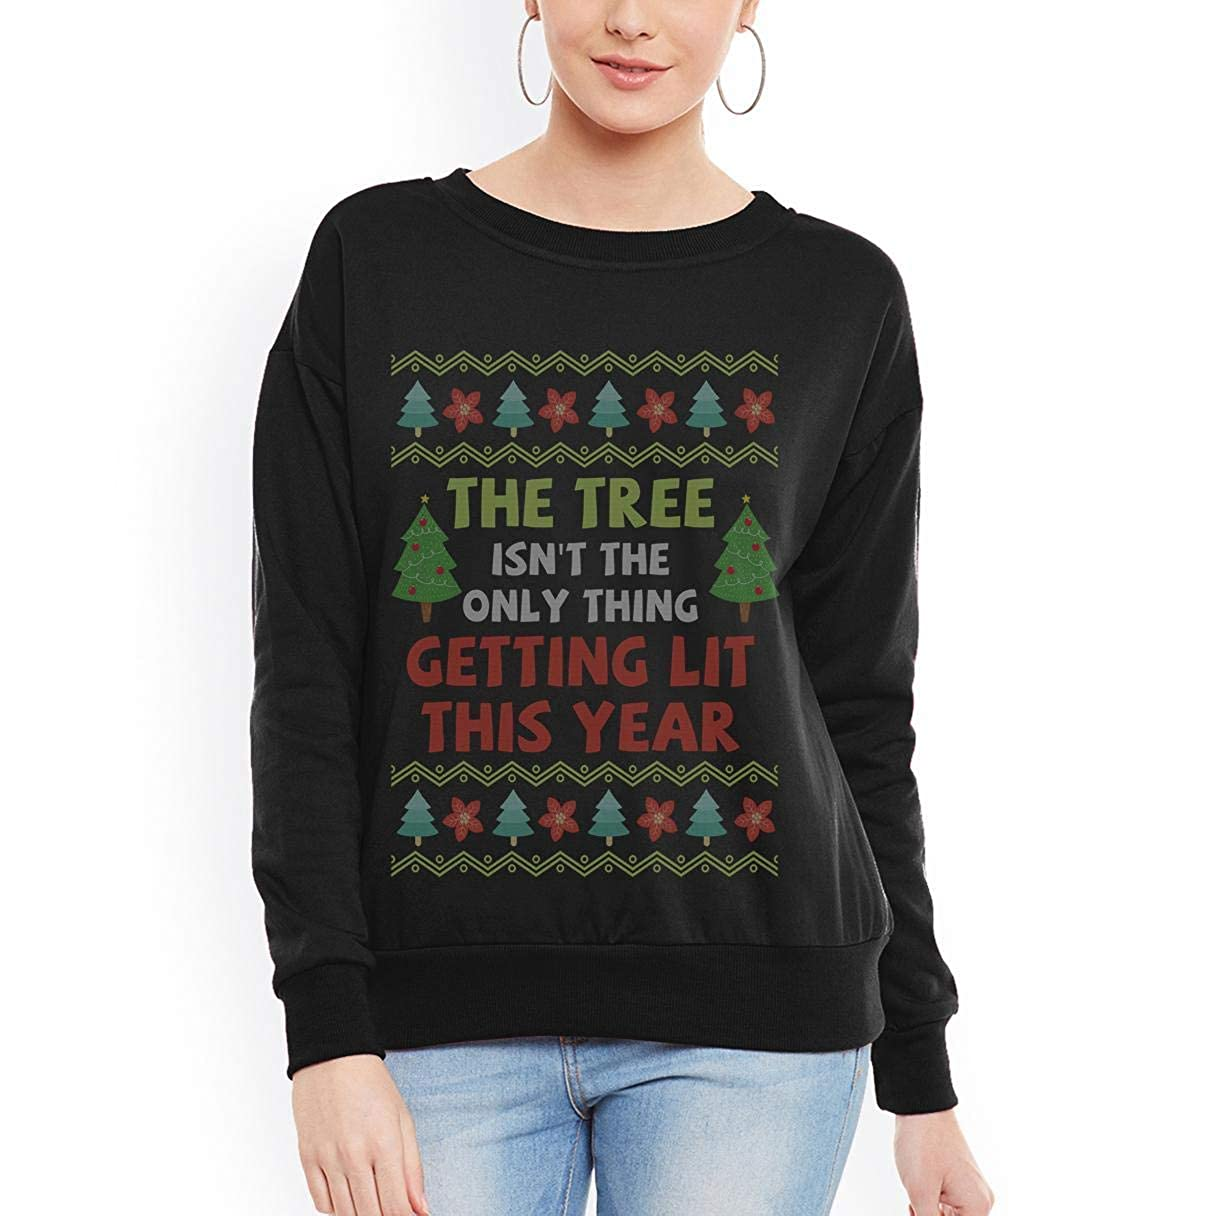 tee Doryti Beer Wine Ugly Christmas Tree Getting Lit Joke Unisex Sweatshirt